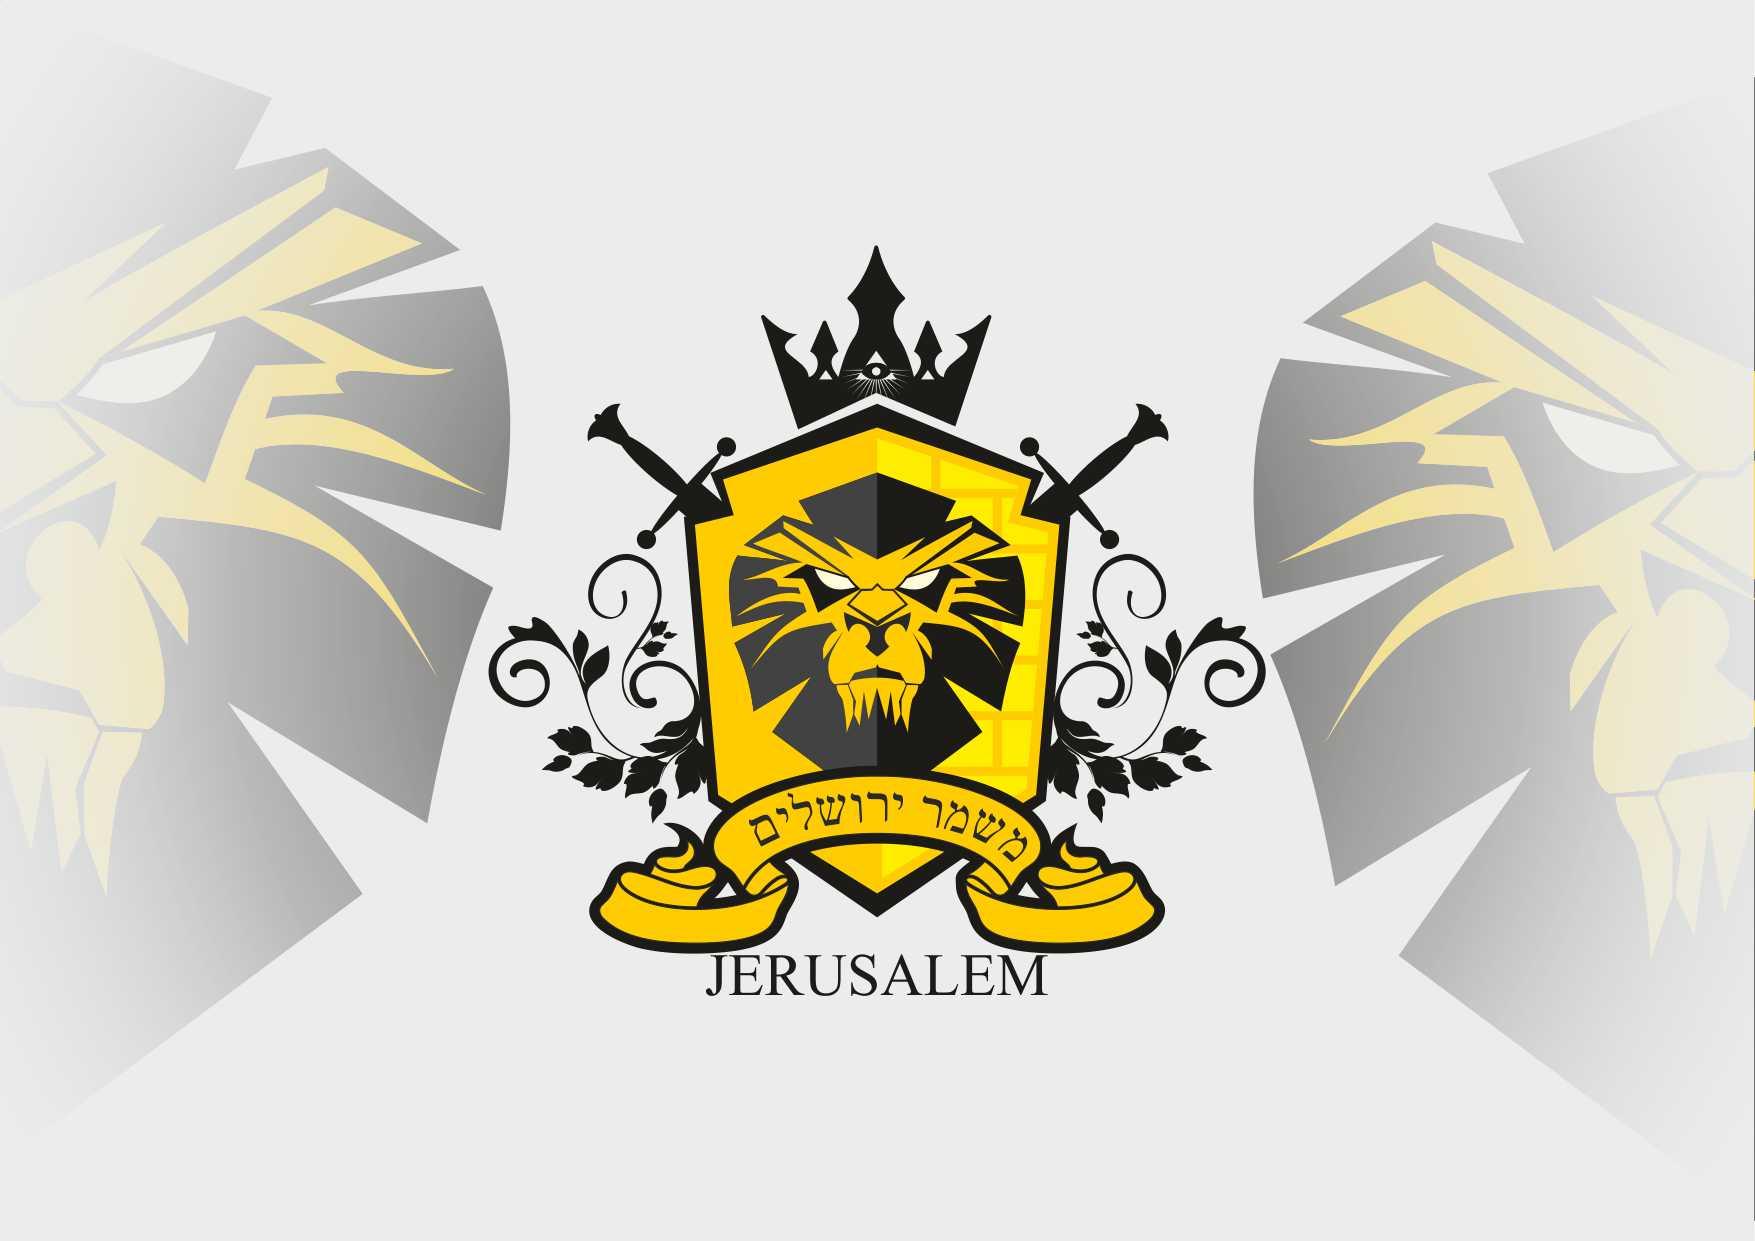 Разработка логотипа. Компания Страж Иерусалима фото f_53751eea57a3e3e0.jpg